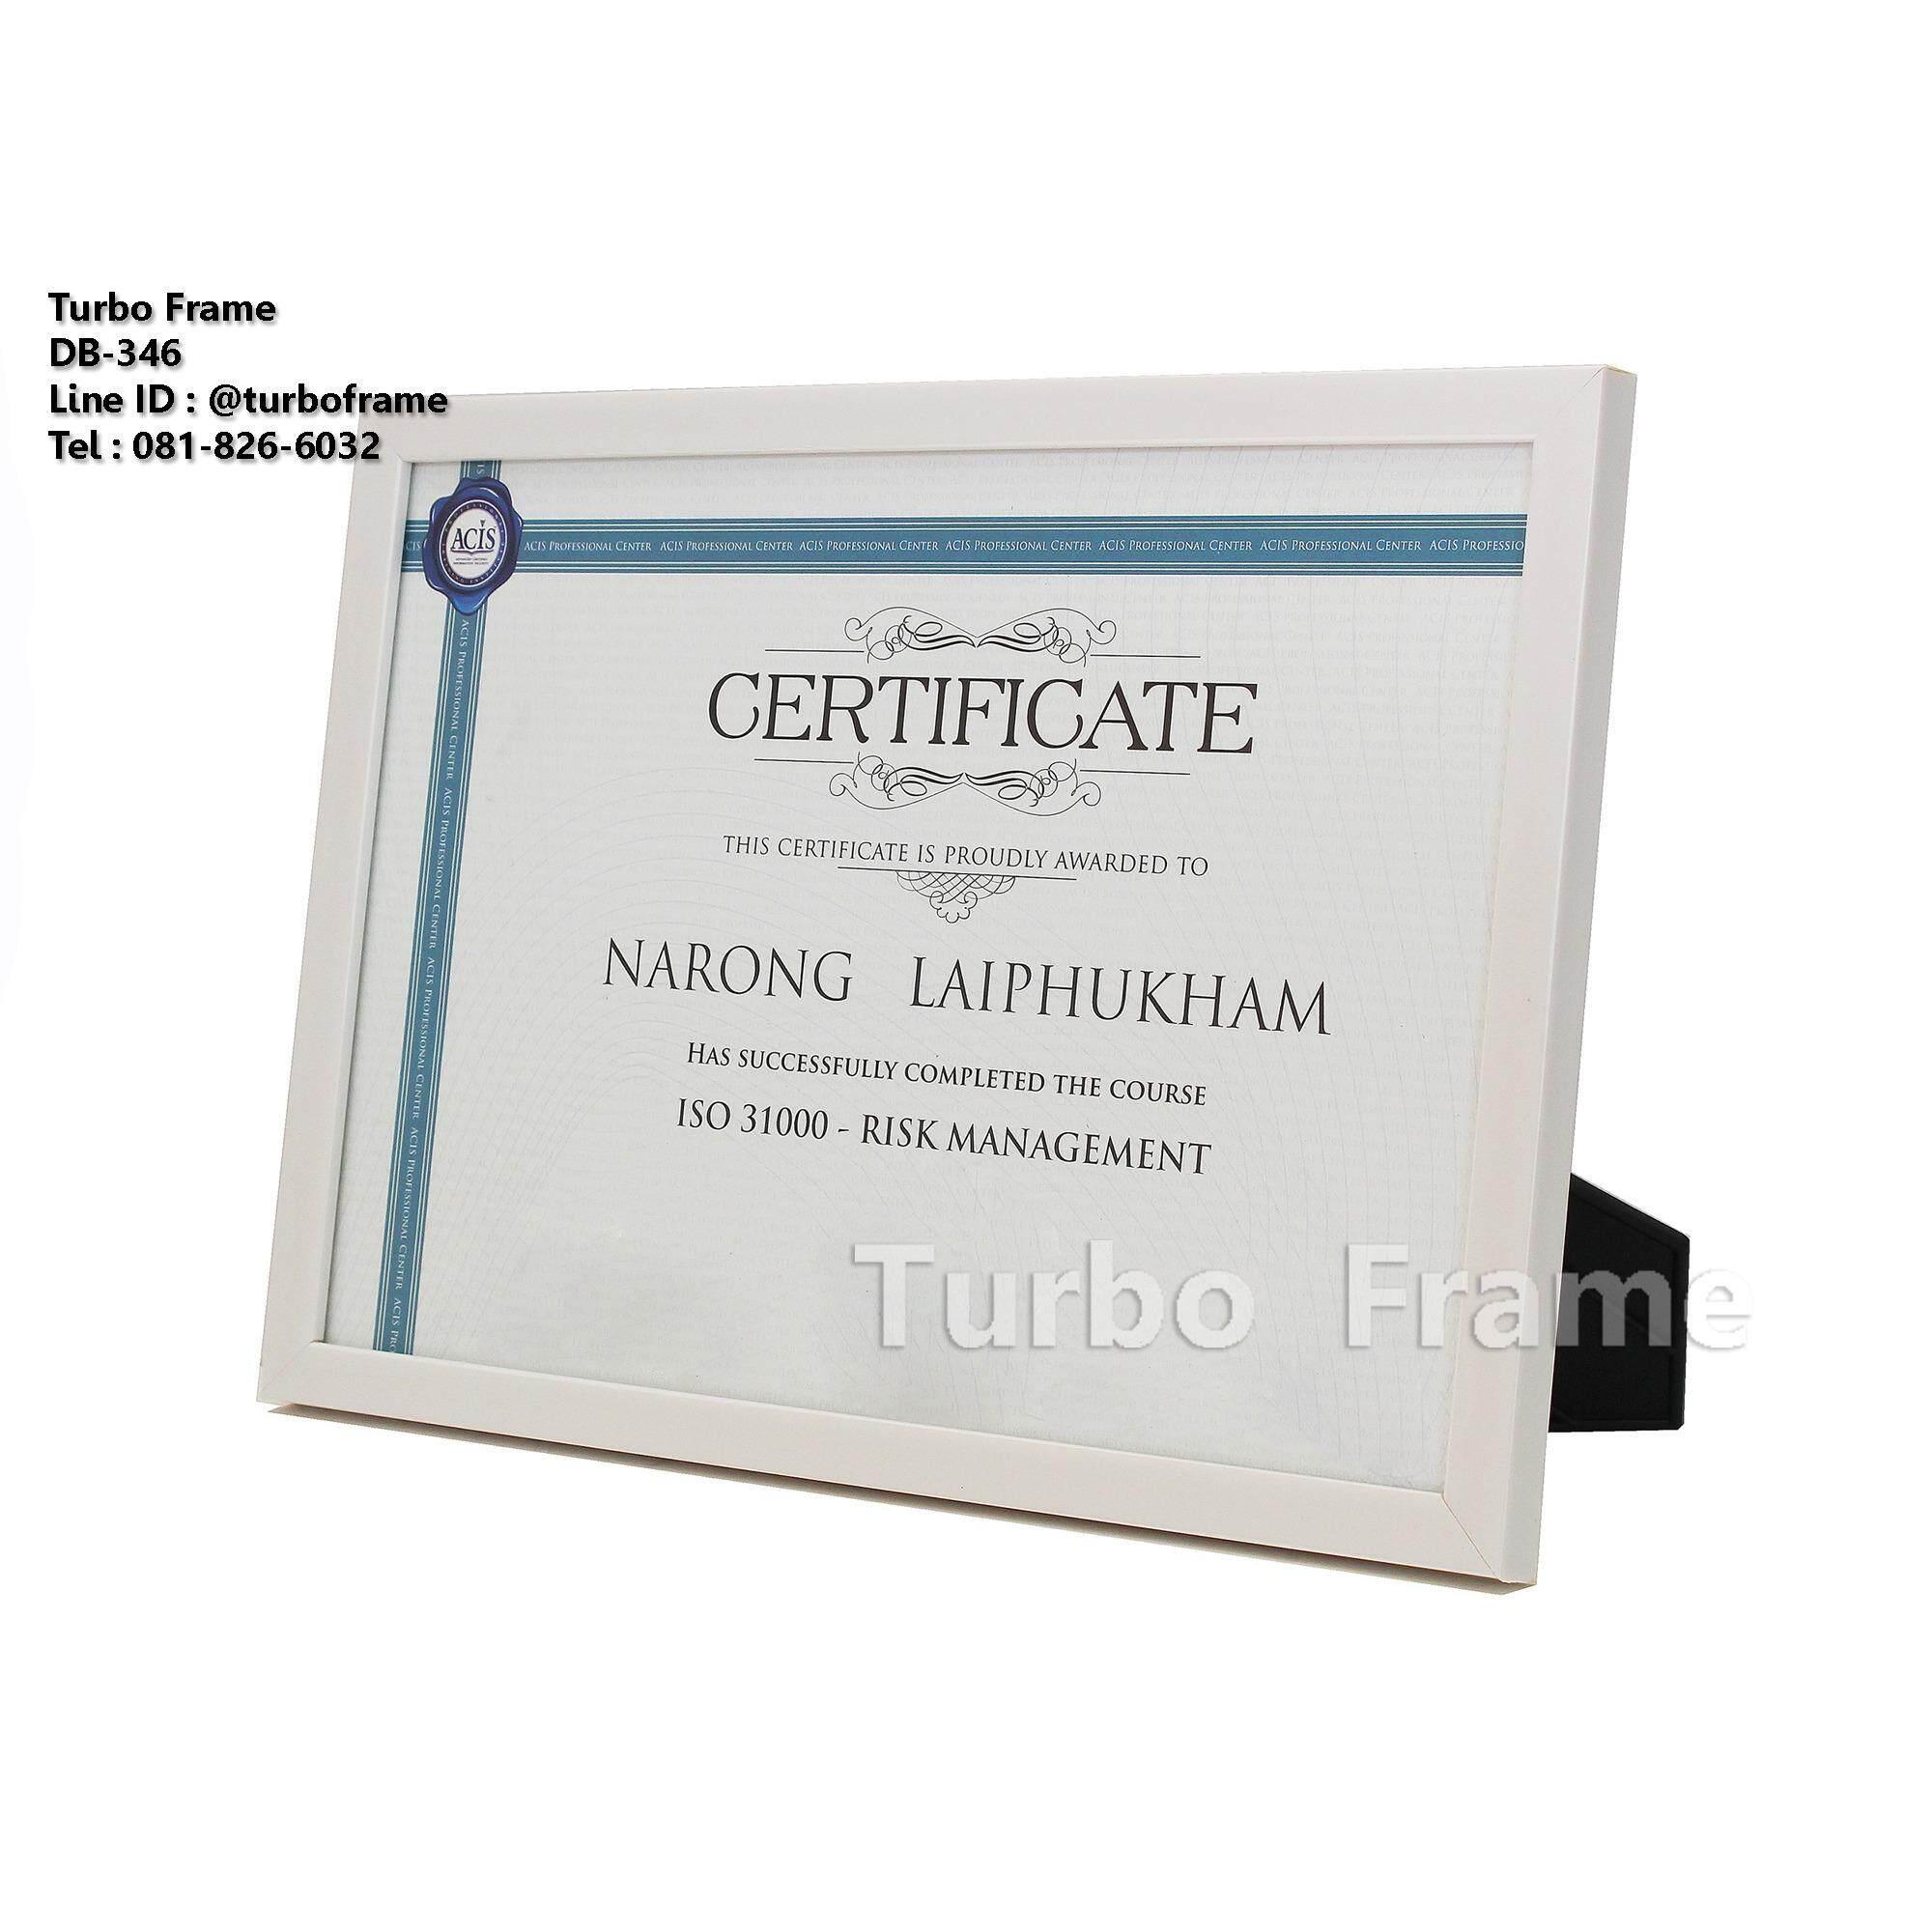 ซื้อ Turbo Frame กรอบรูปใส่ภาพขนาด A4 ใส่ใบประกาศ กรุงเทพมหานคร